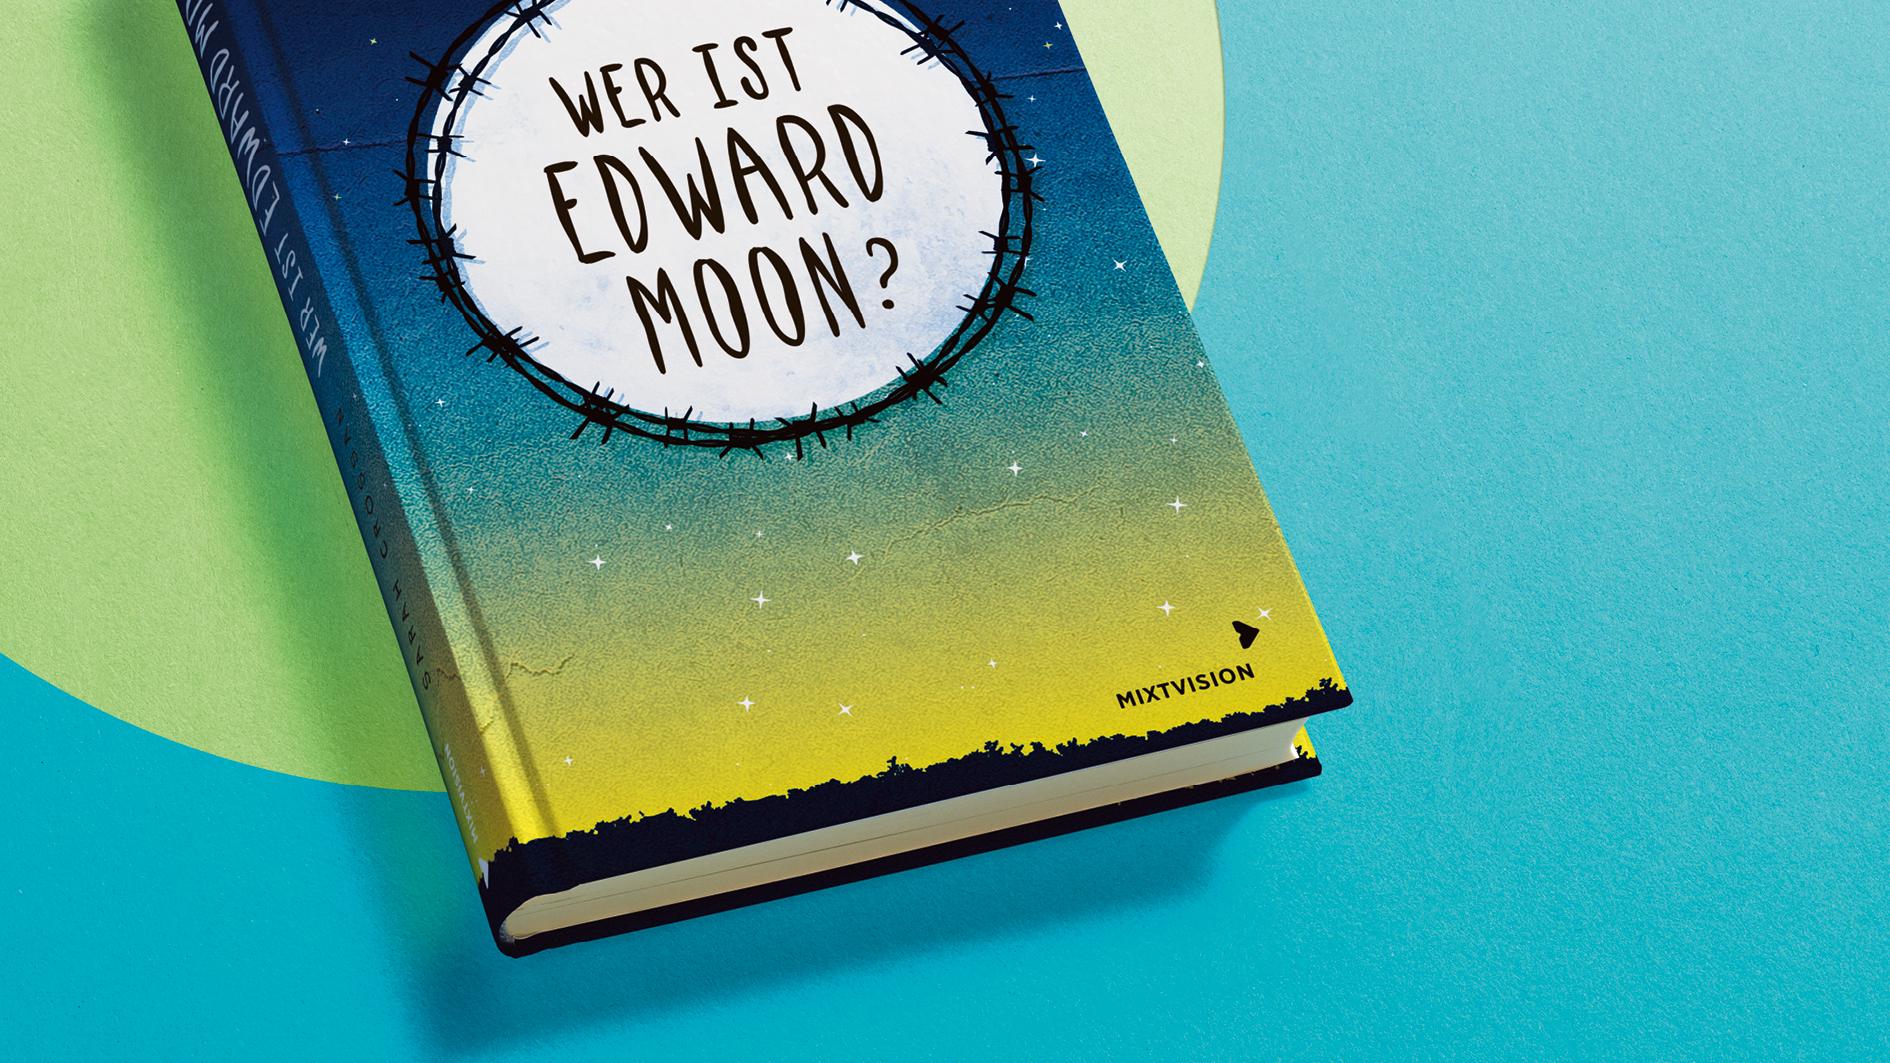 Wer ist Edward Moon?, Headerbild